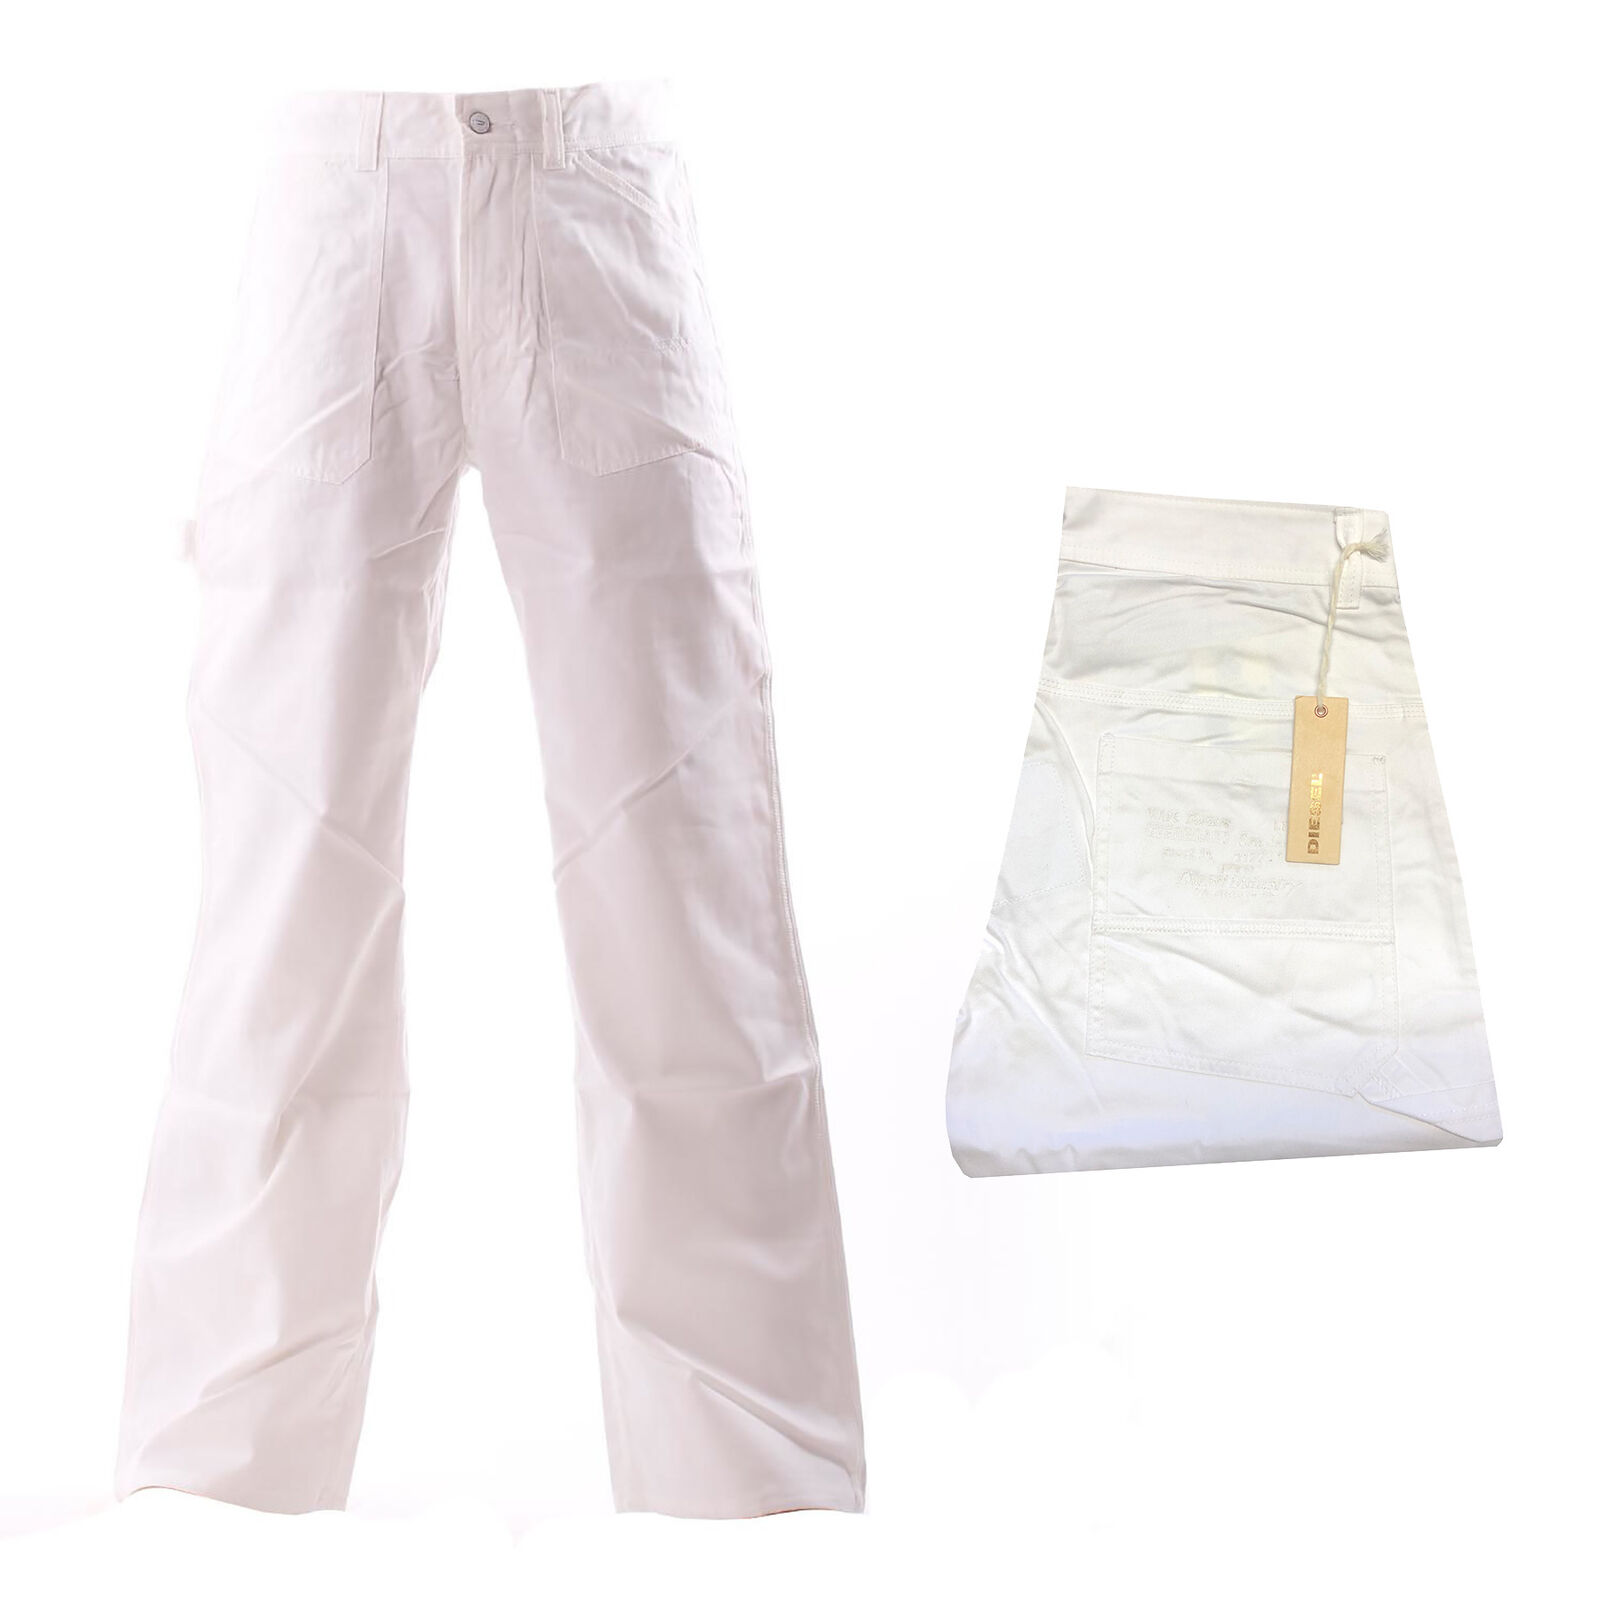 Diesel Herren Jeans Hose Weit geschnitten Weiß Gr. W28, W30 Länge  L34 NEU   Verwendet in der Haltbarkeit    Meistverkaufte weltweit    Verrückter Preis    Billig